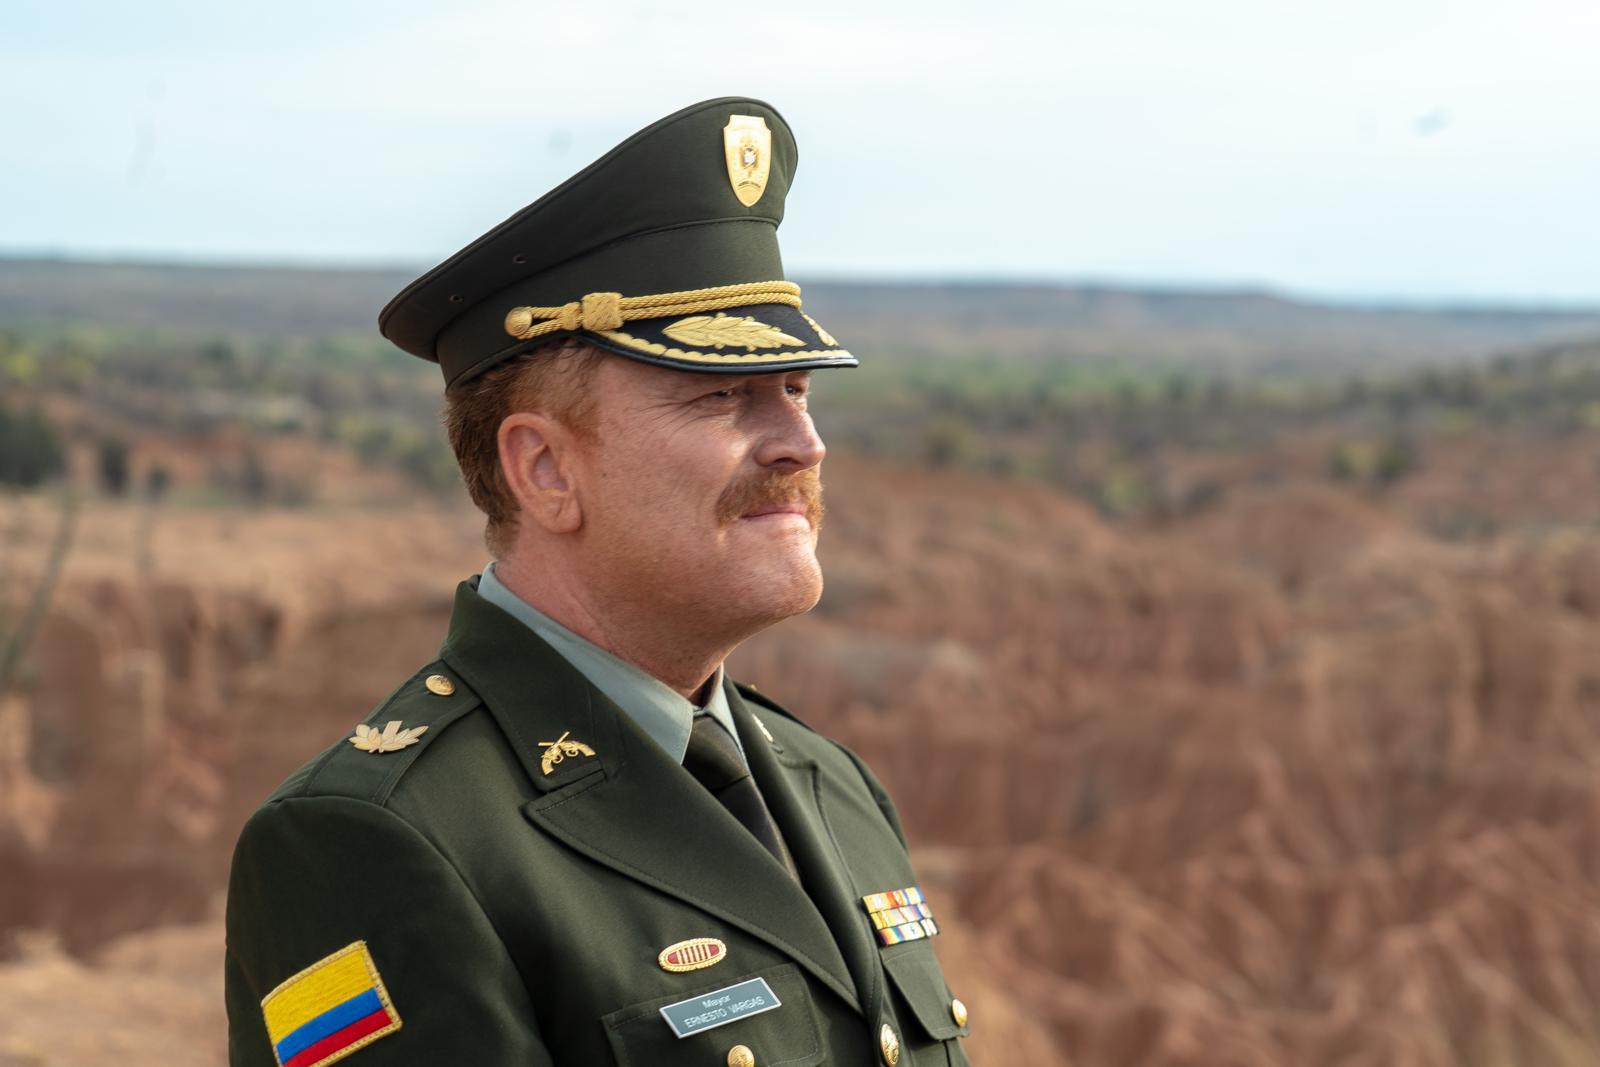 Christian Tappan Operación Pacífico